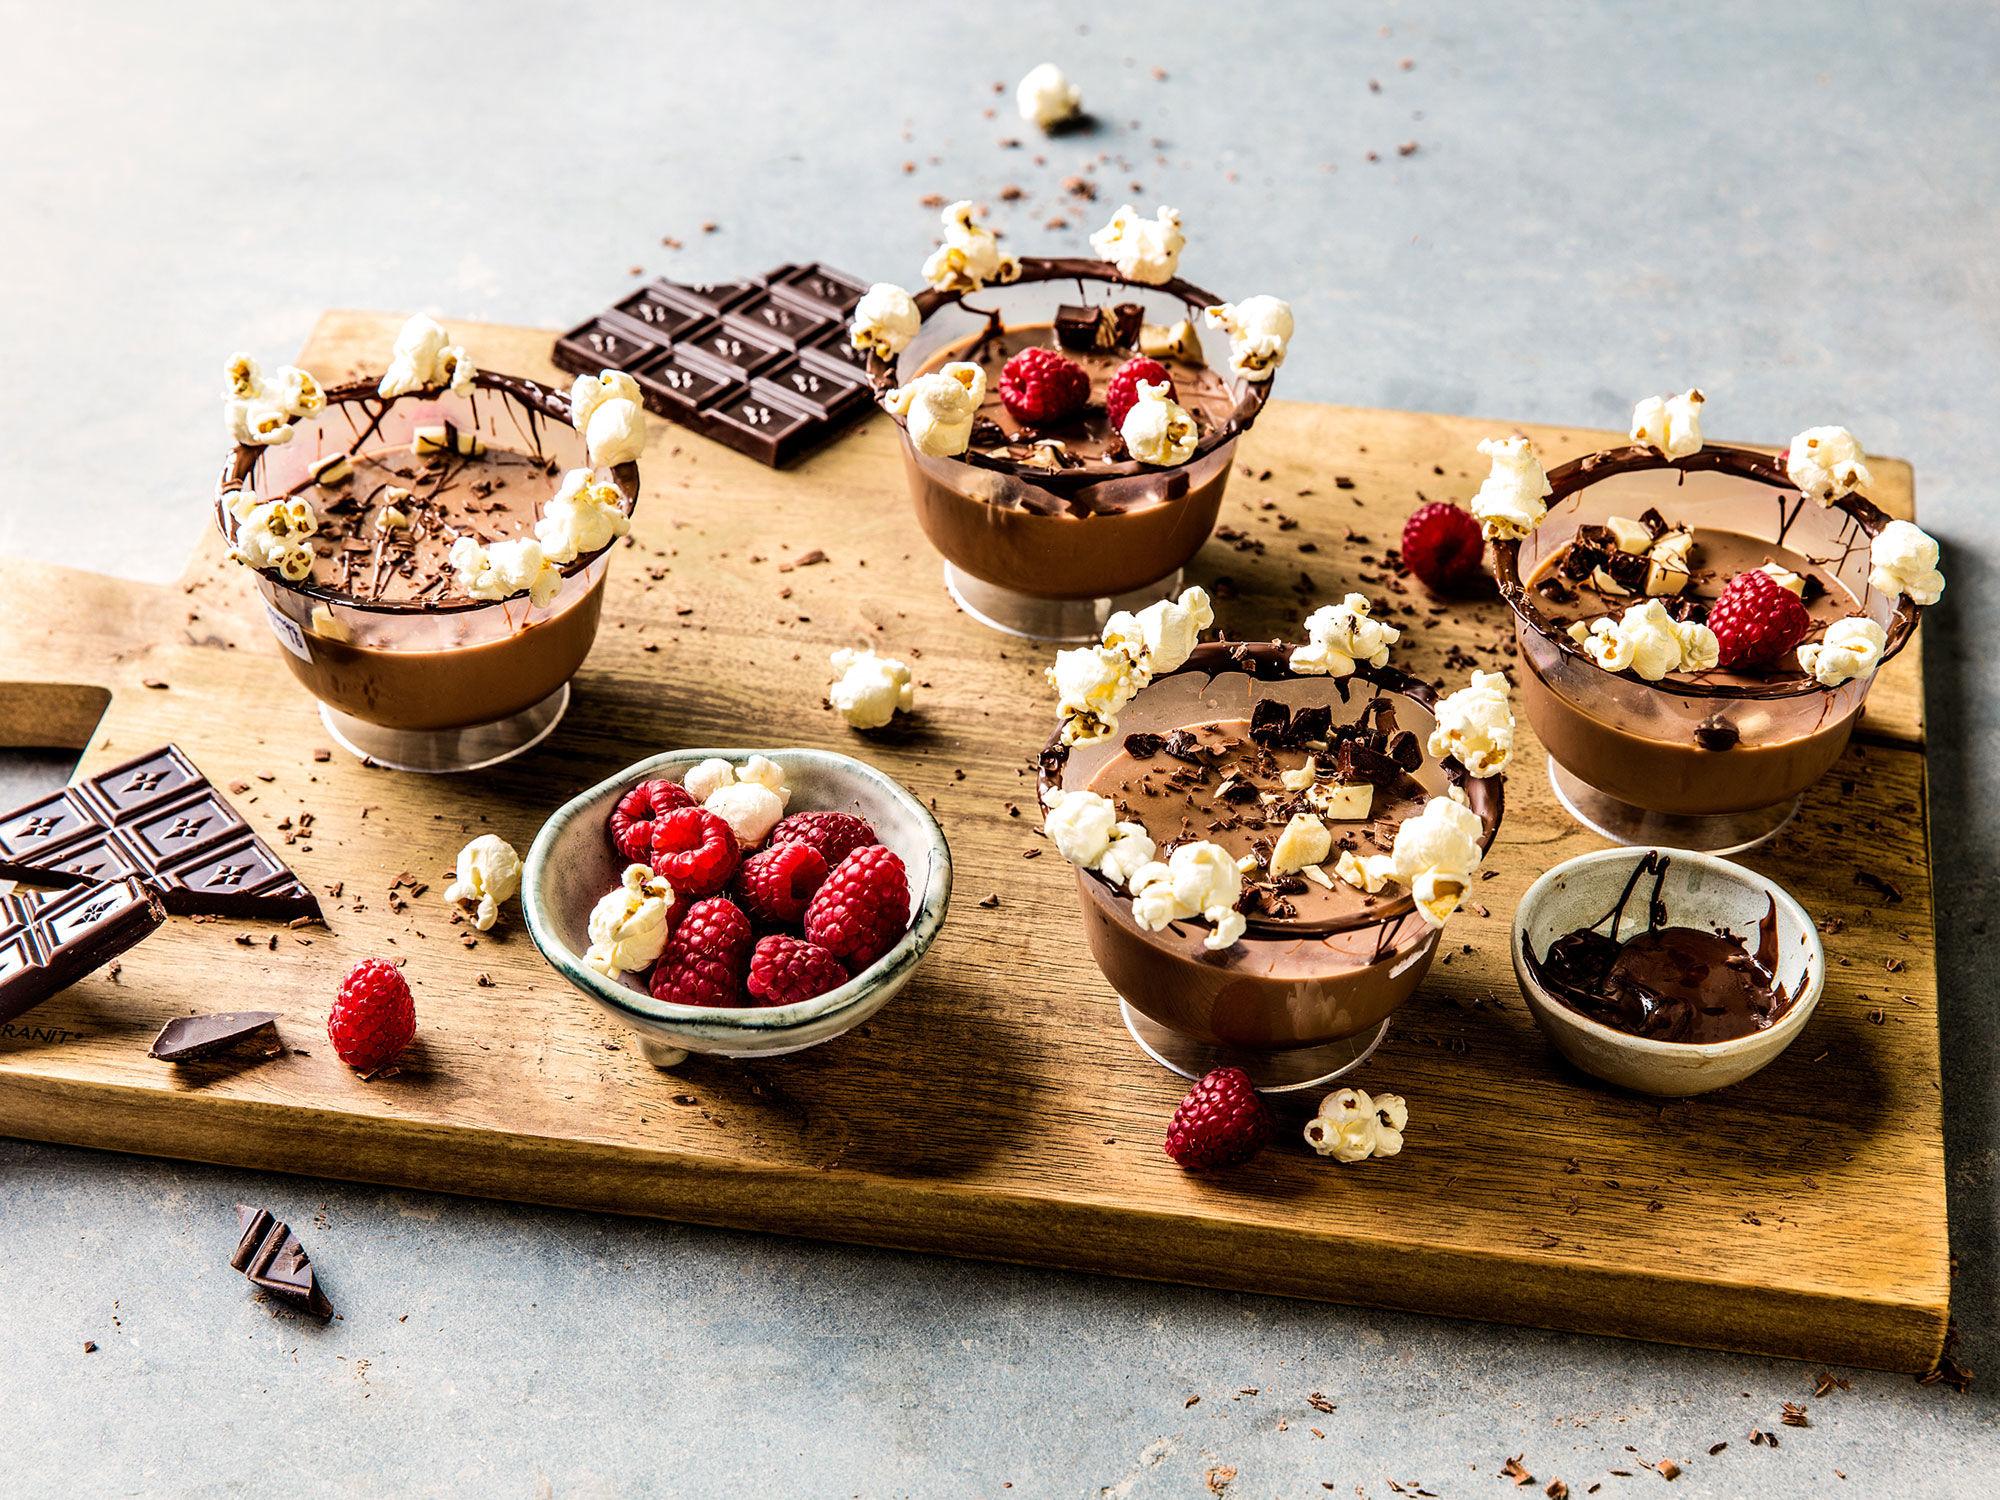 dessert forslag